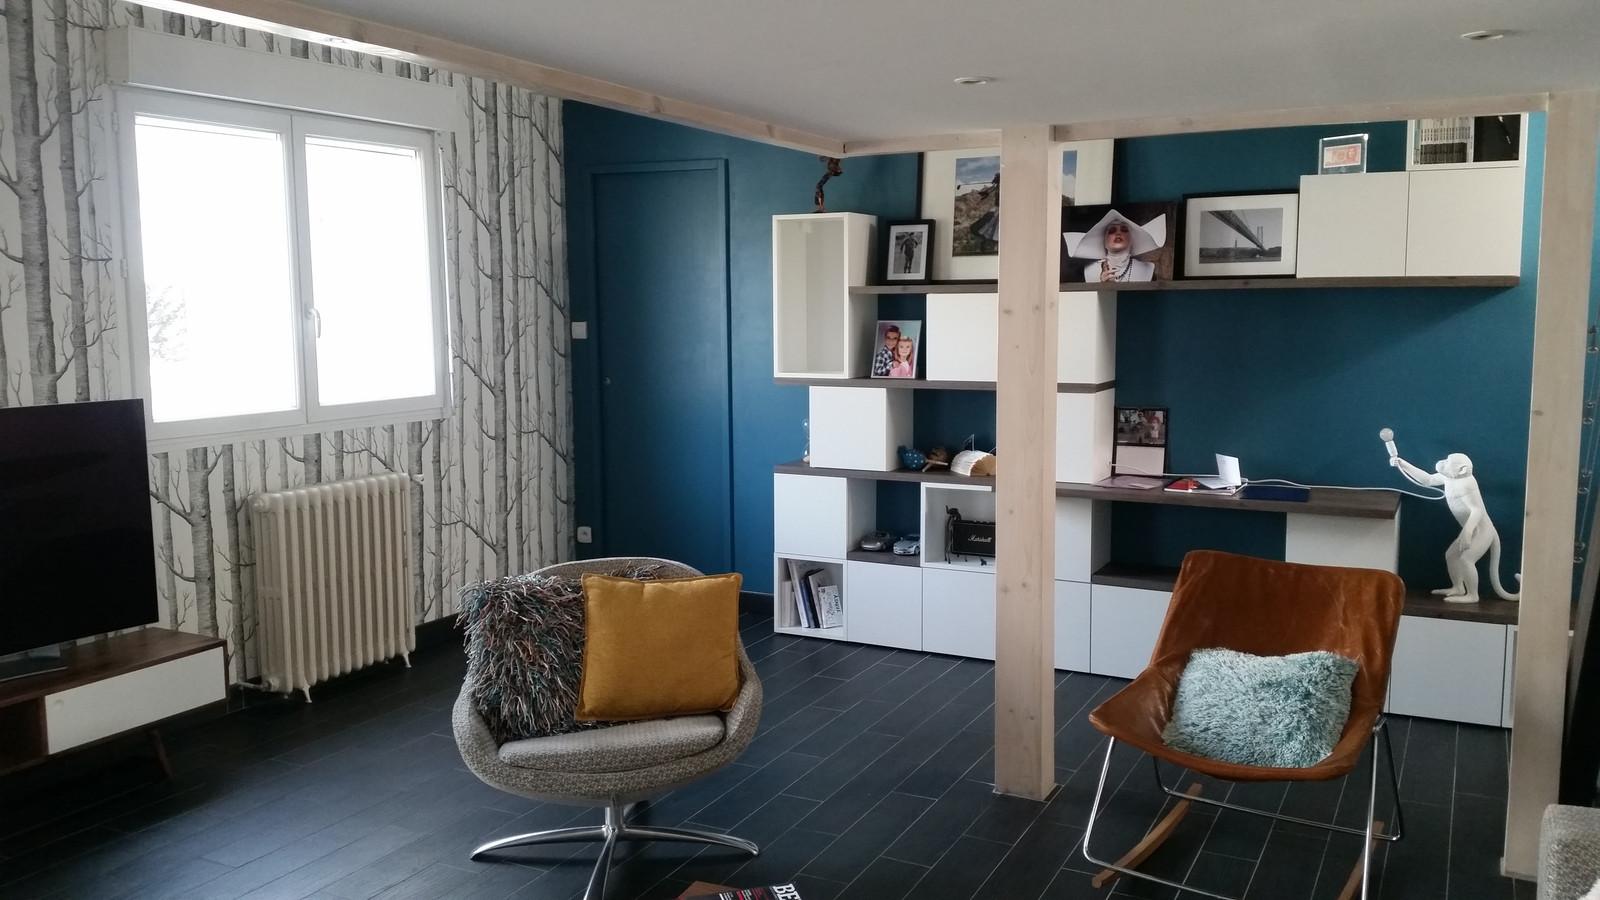 b m architecte d 39 int rieur bordeaux r novation d coration. Black Bedroom Furniture Sets. Home Design Ideas